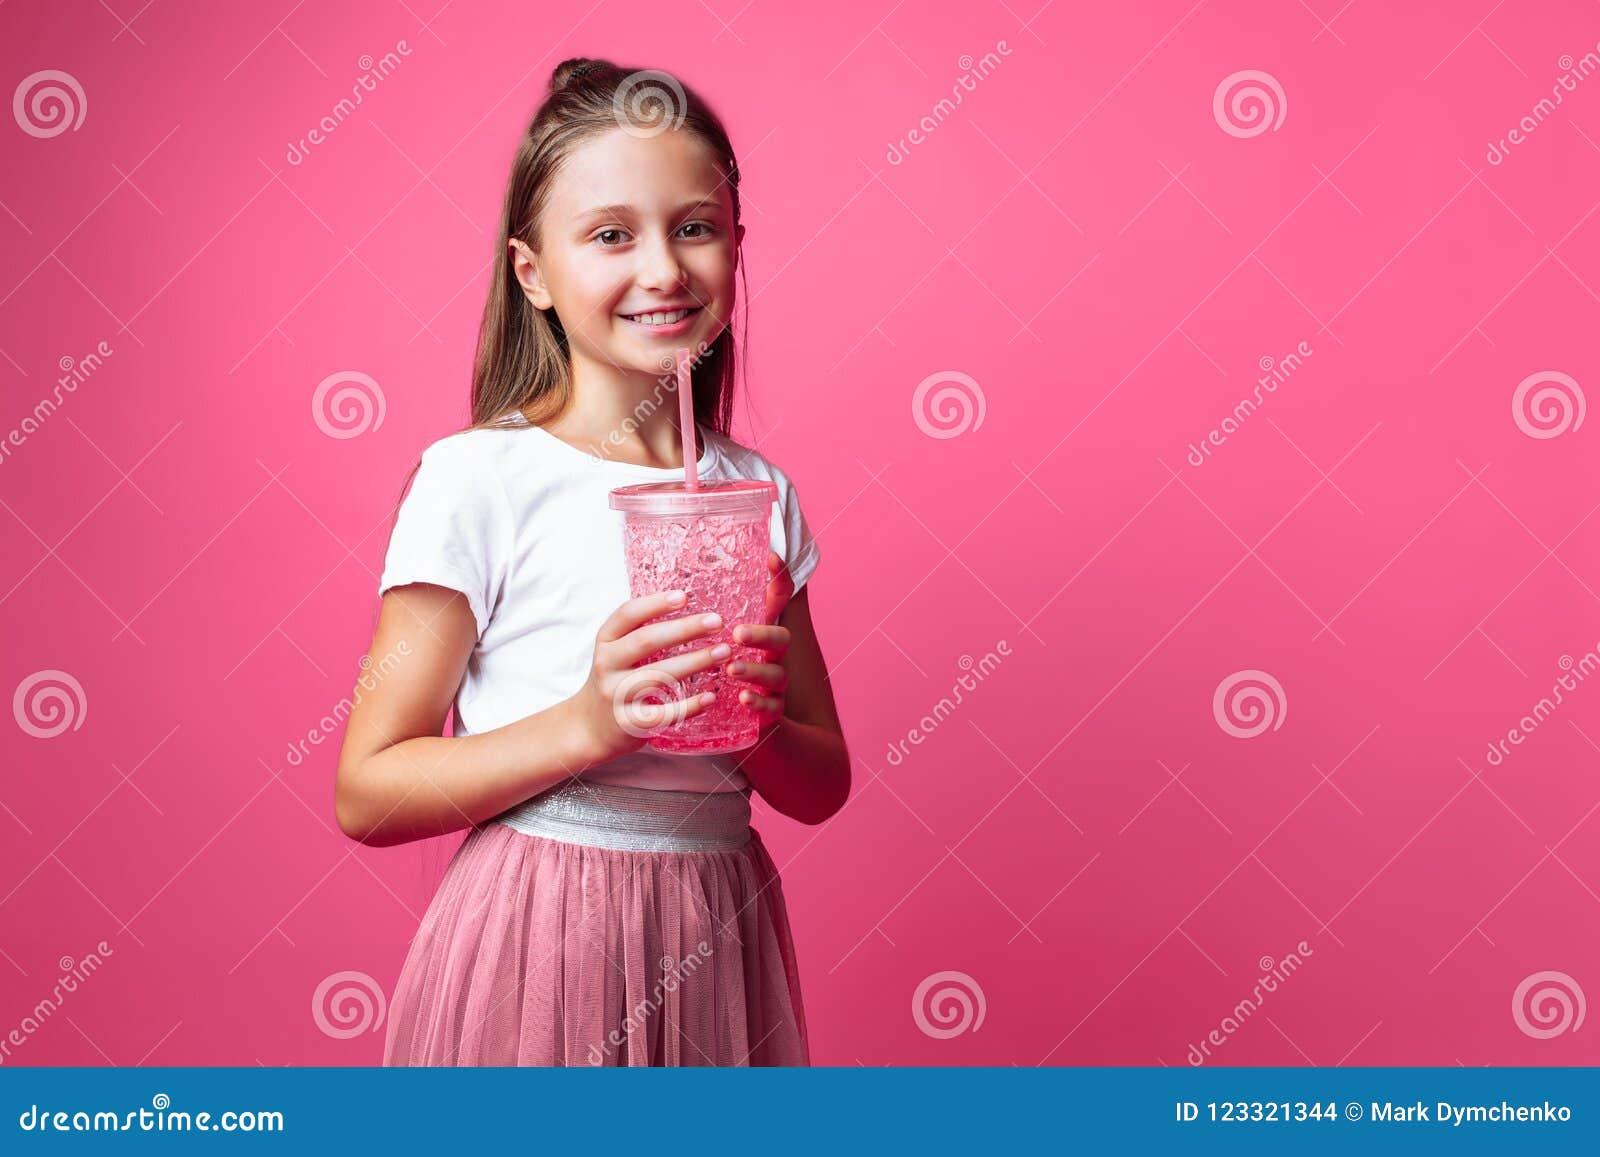 Menina bonita com uma bebida ou cocktail em suas mãos, em um fundo cor-de-rosa, em um estúdio da foto, close-up